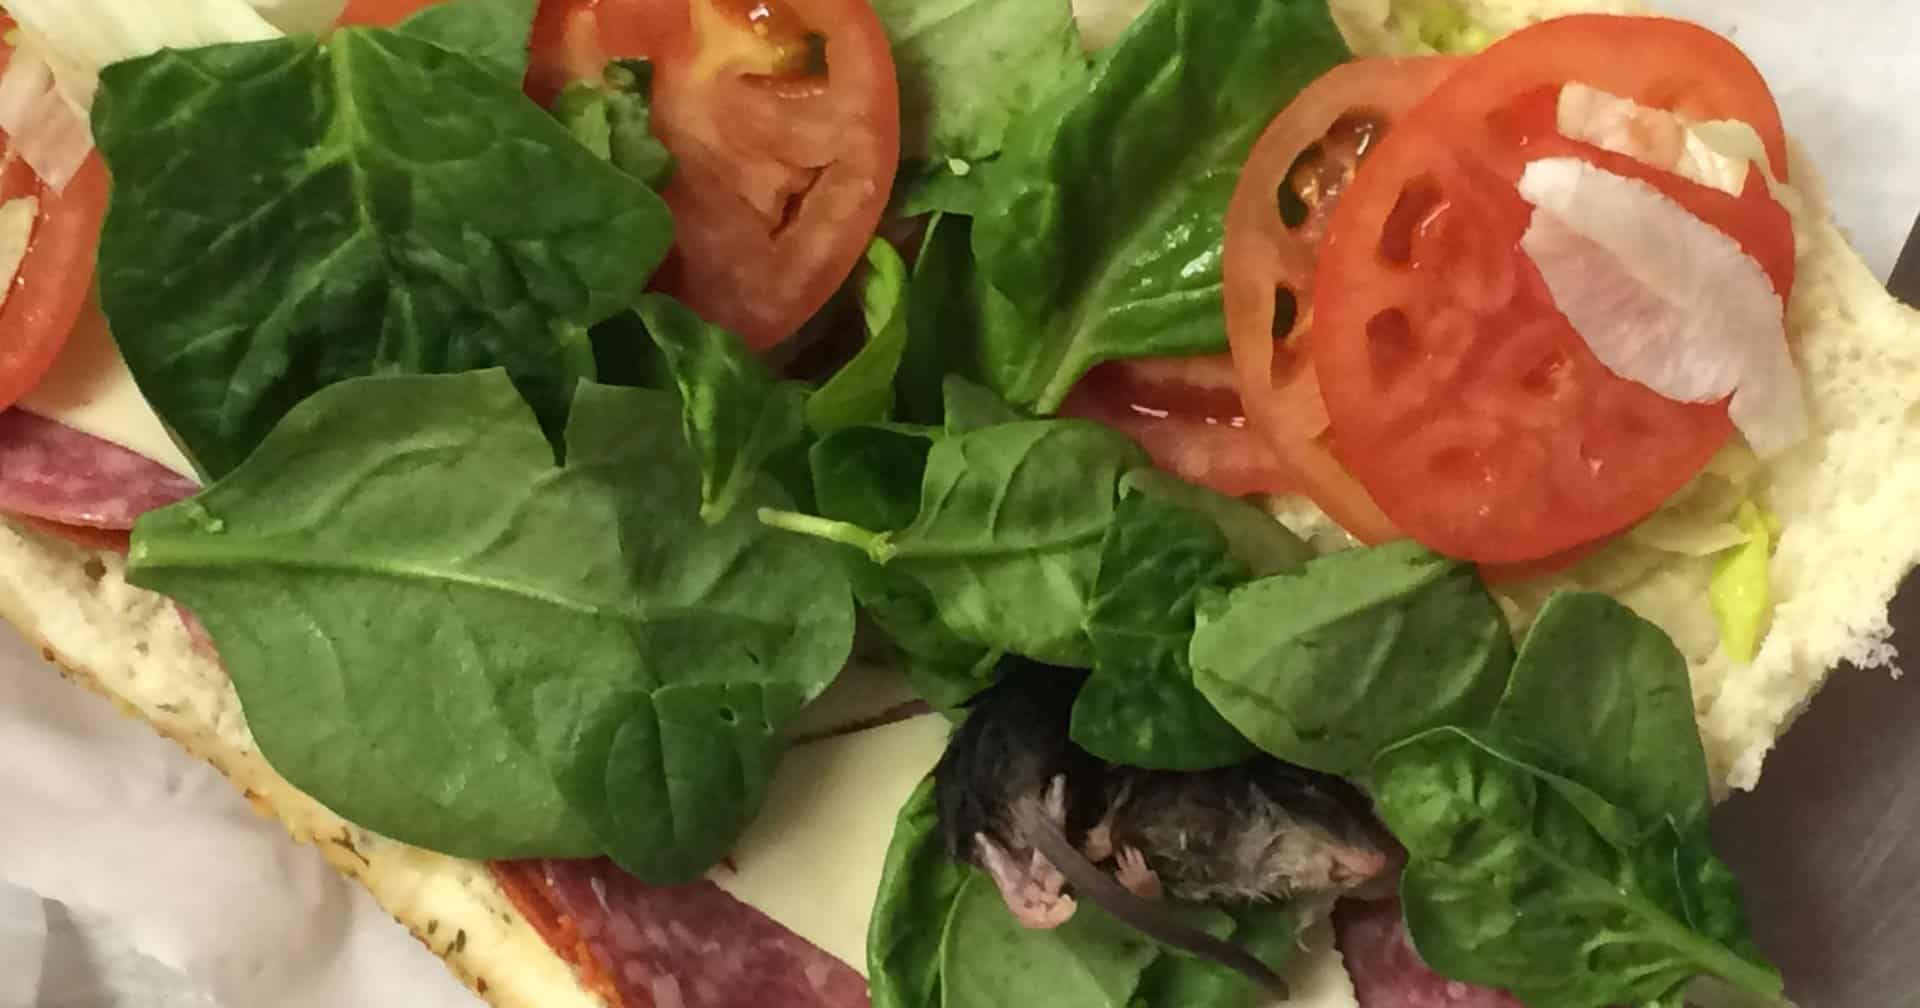 dead-rat-mcdonald's-salad